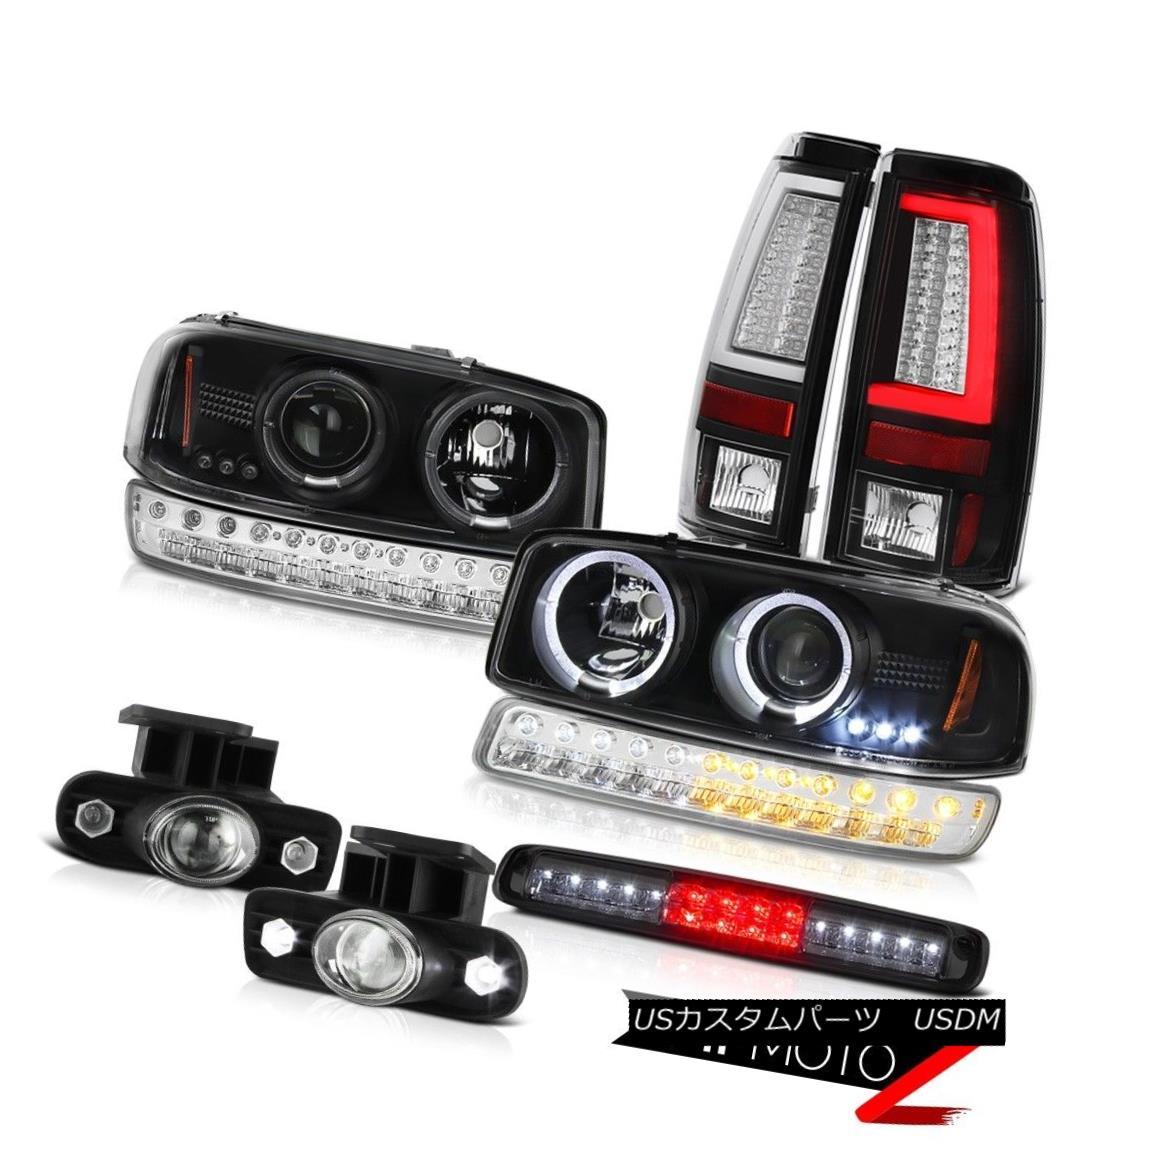 テールライト 1999-2002 Sierra 4.3L Tail Lamps 3RD Brake Lamp Foglights Signal Headlamps LED 1999-2002シエラ4.3Lテールランプ3RDブレーキランプフォグライトヘッドランプLED